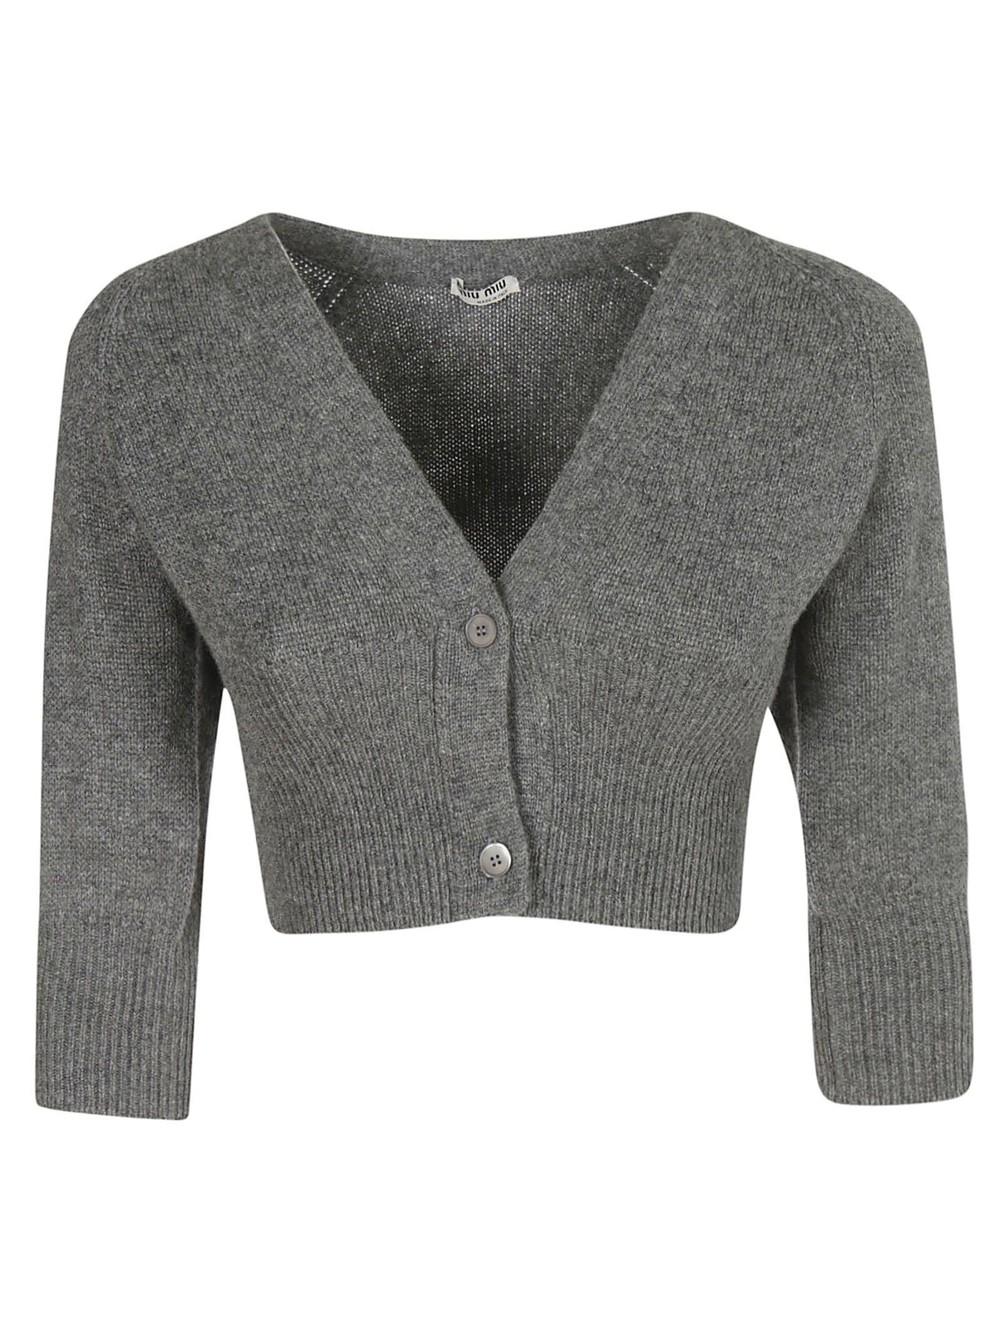 Miu Miu Cropped Cardigan in gray